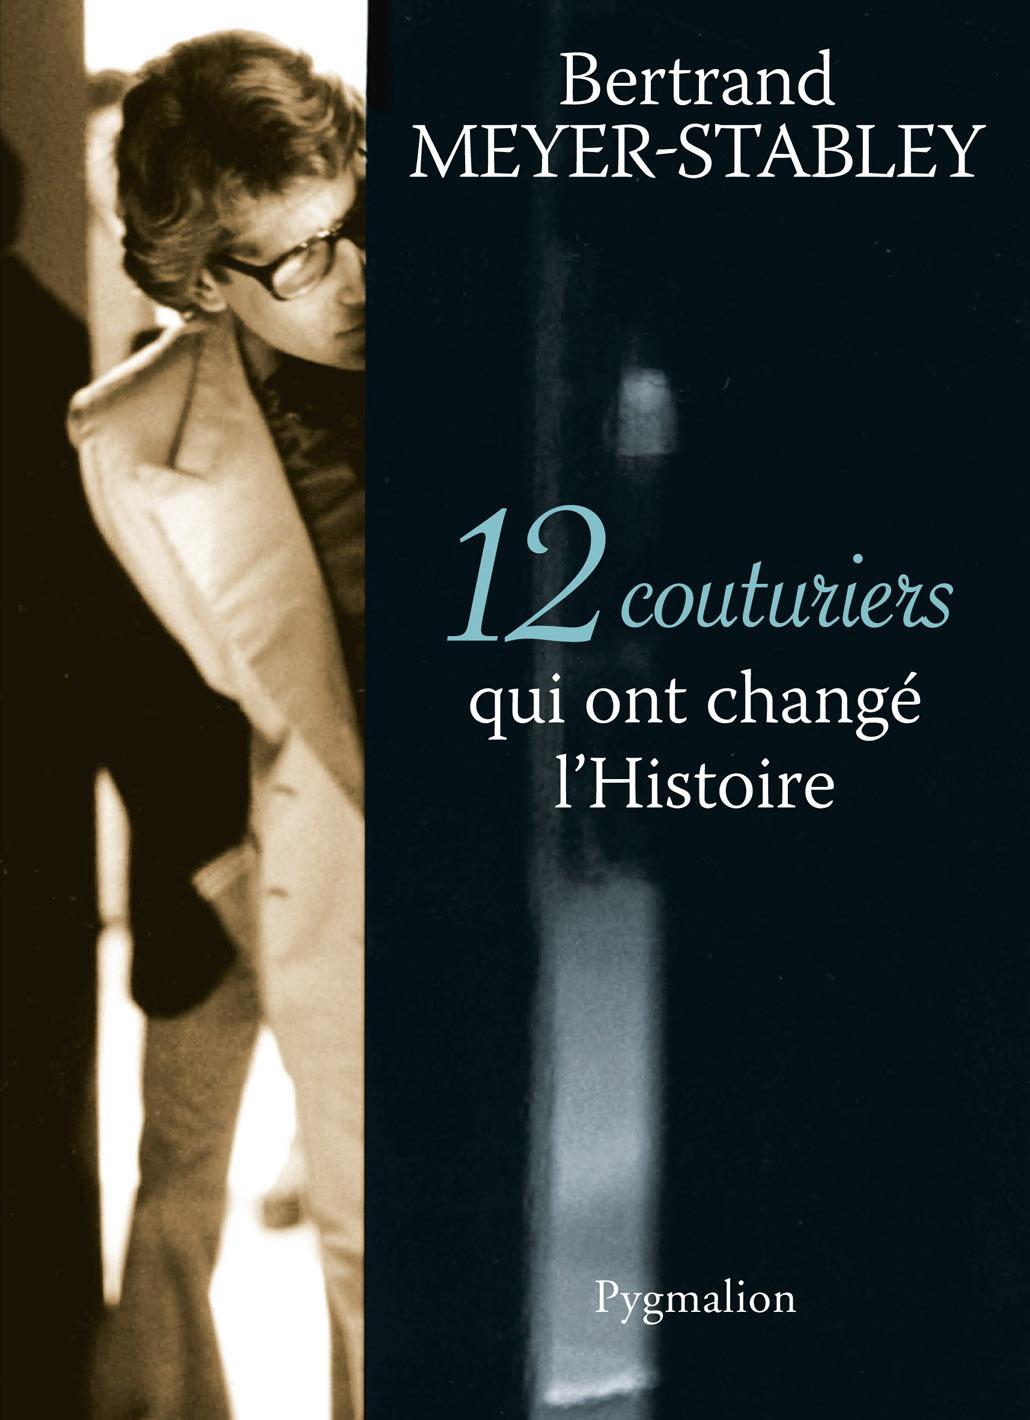 12 Couturiers qui ont changé l'Histoire